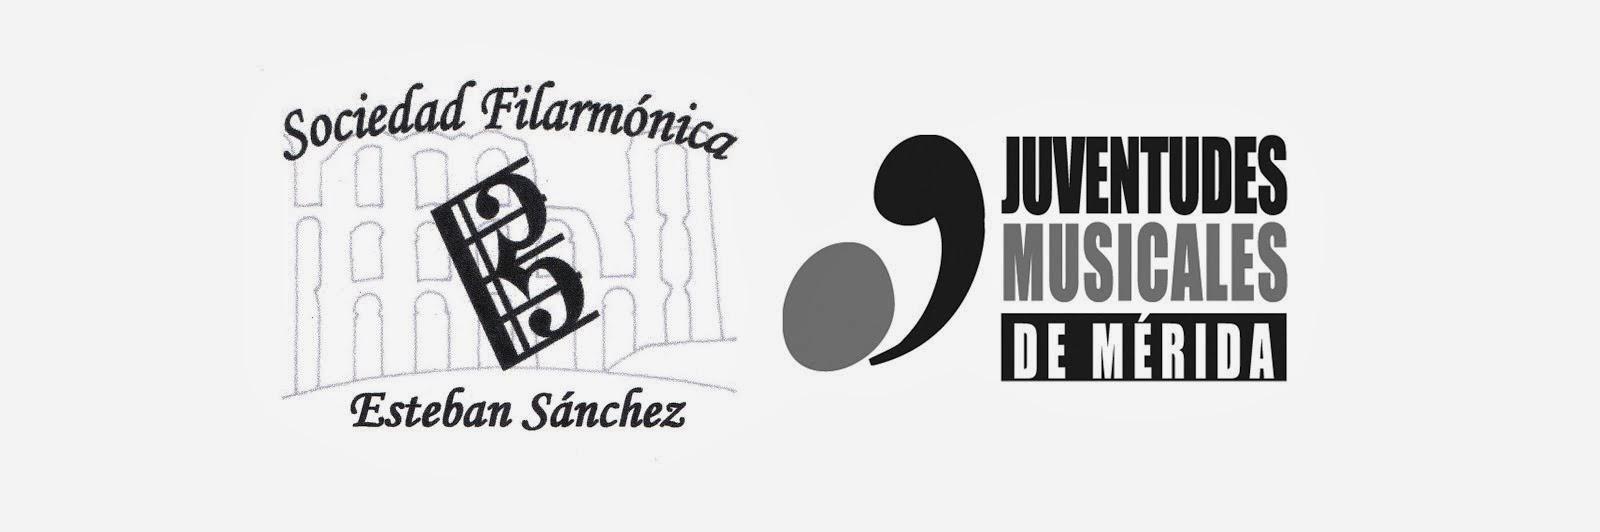 Facebook Sdad. Filarmonica Esteban Sánchez Juventudes Musicales de Mérida